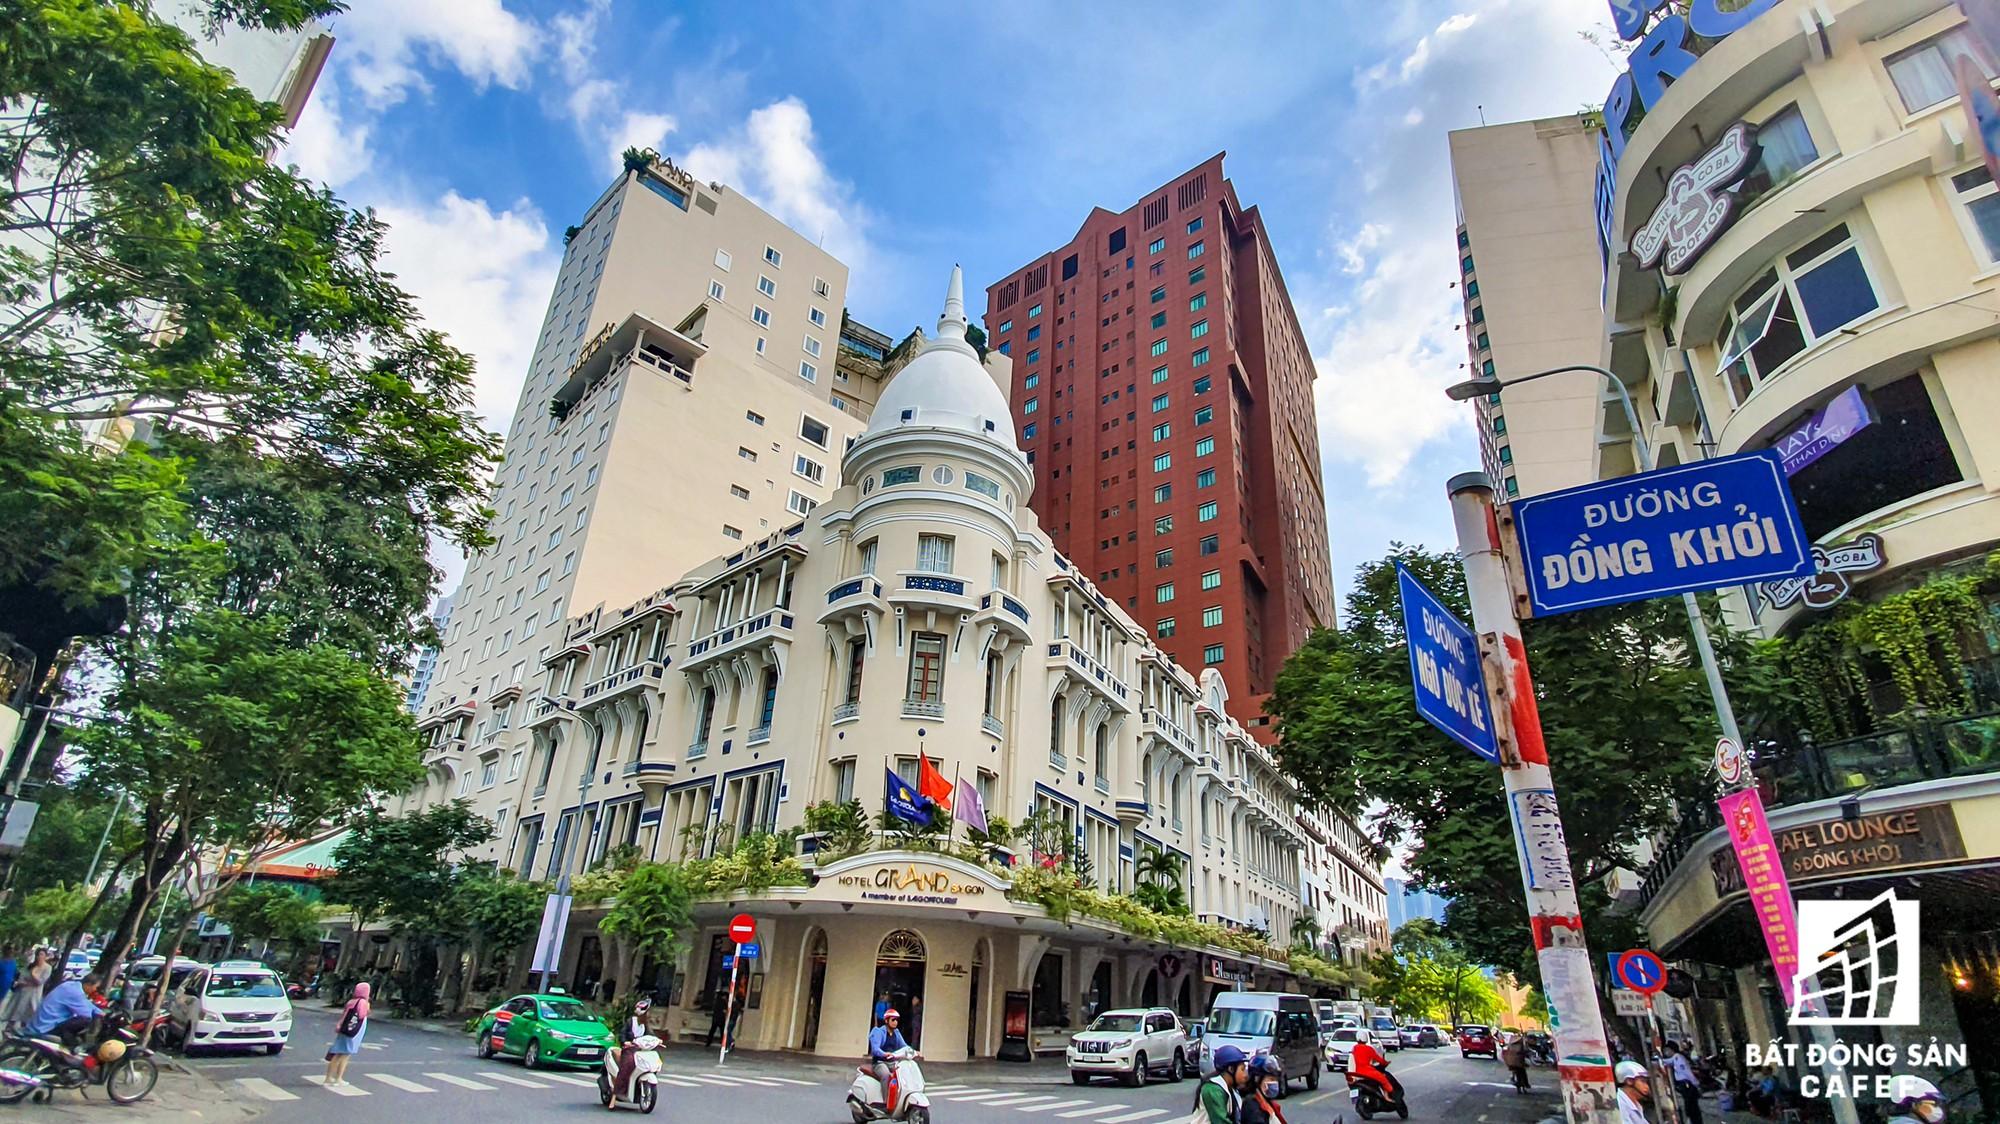 Toàn cảnh con đường có giá bất động sản đắt đỏ nhất Việt Nam, lên tới 2 tỷ đồng một m2 - Ảnh 10.